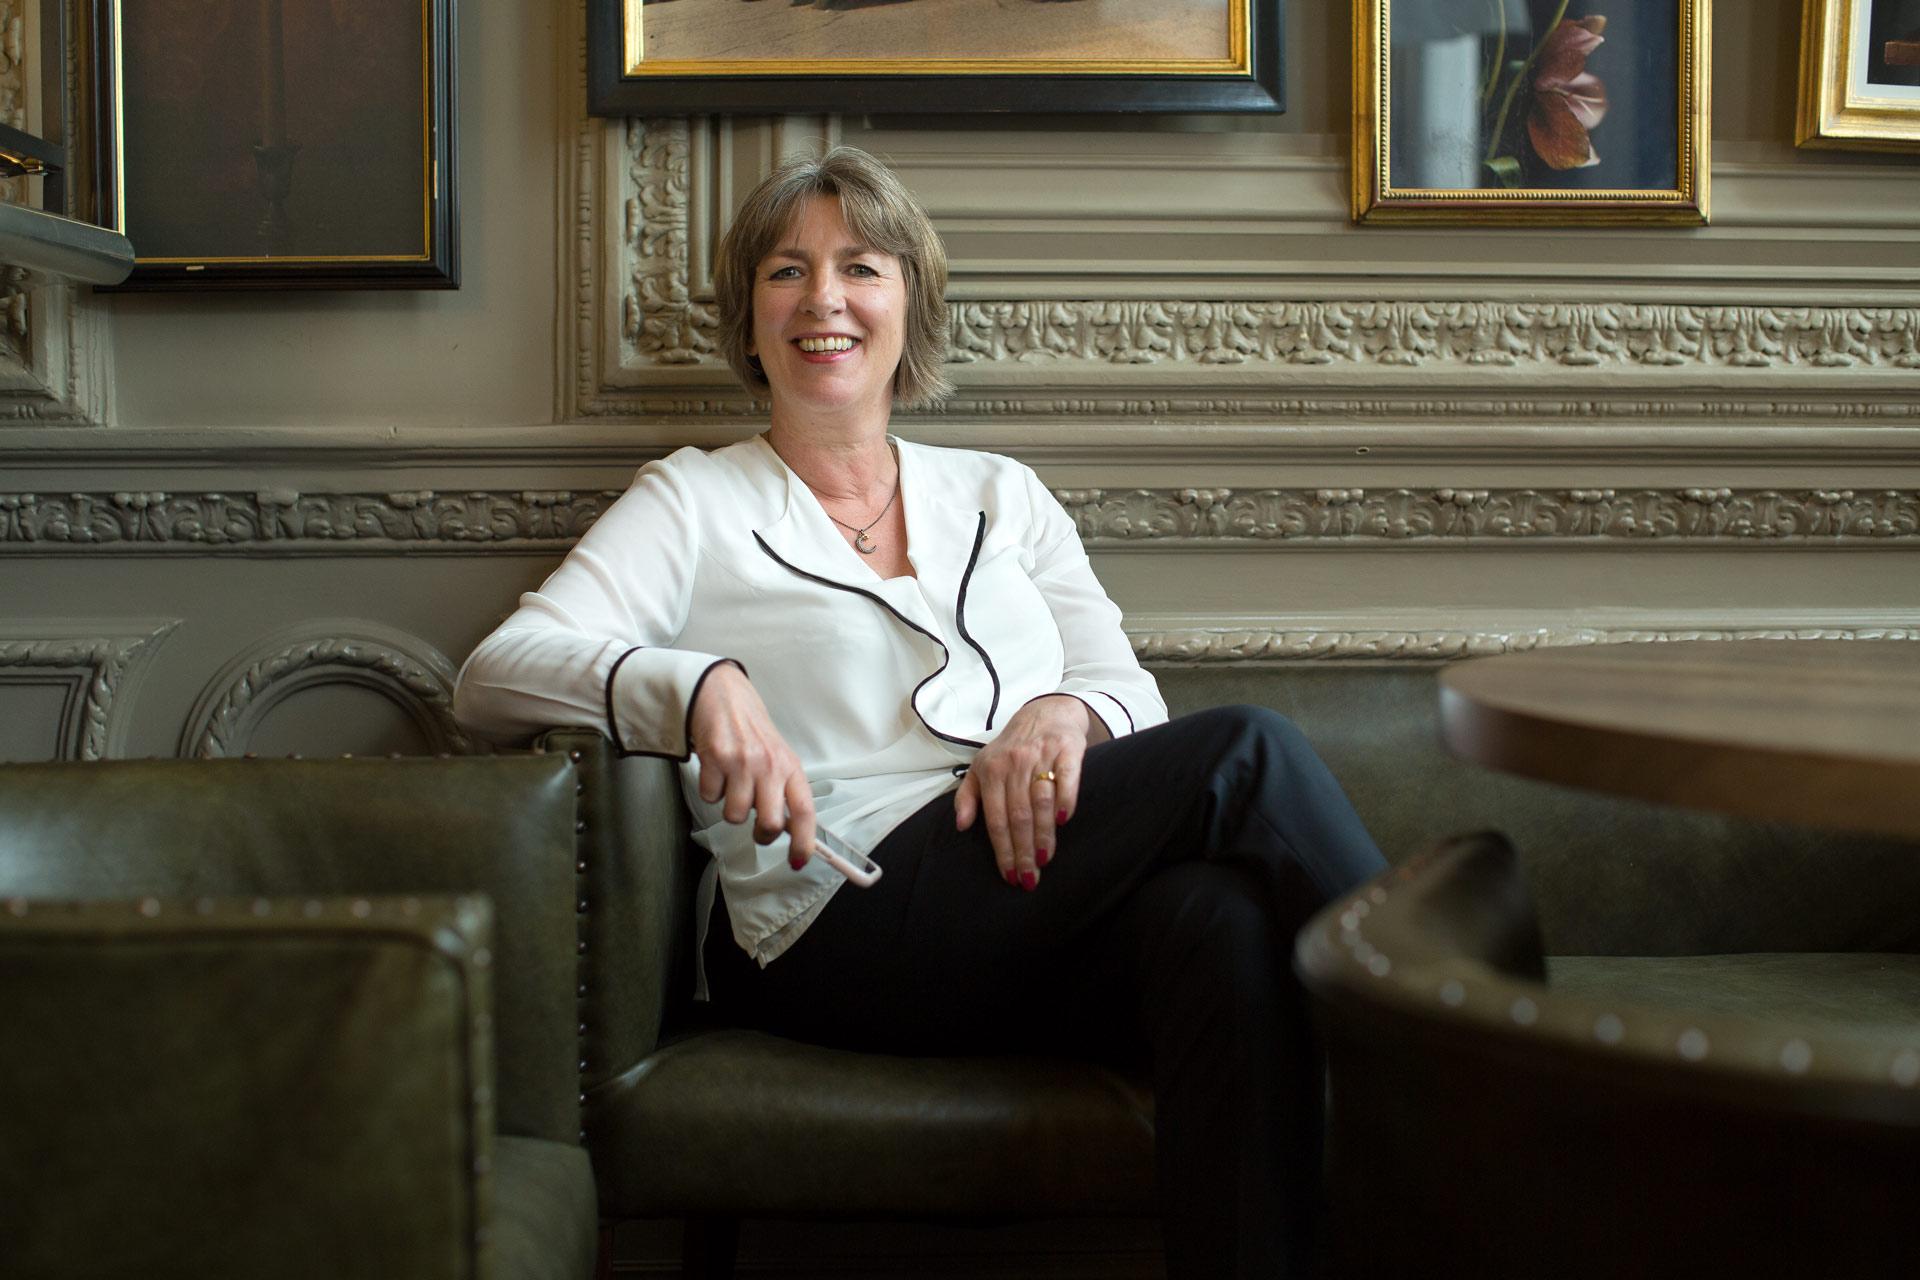 Liz Hartstone